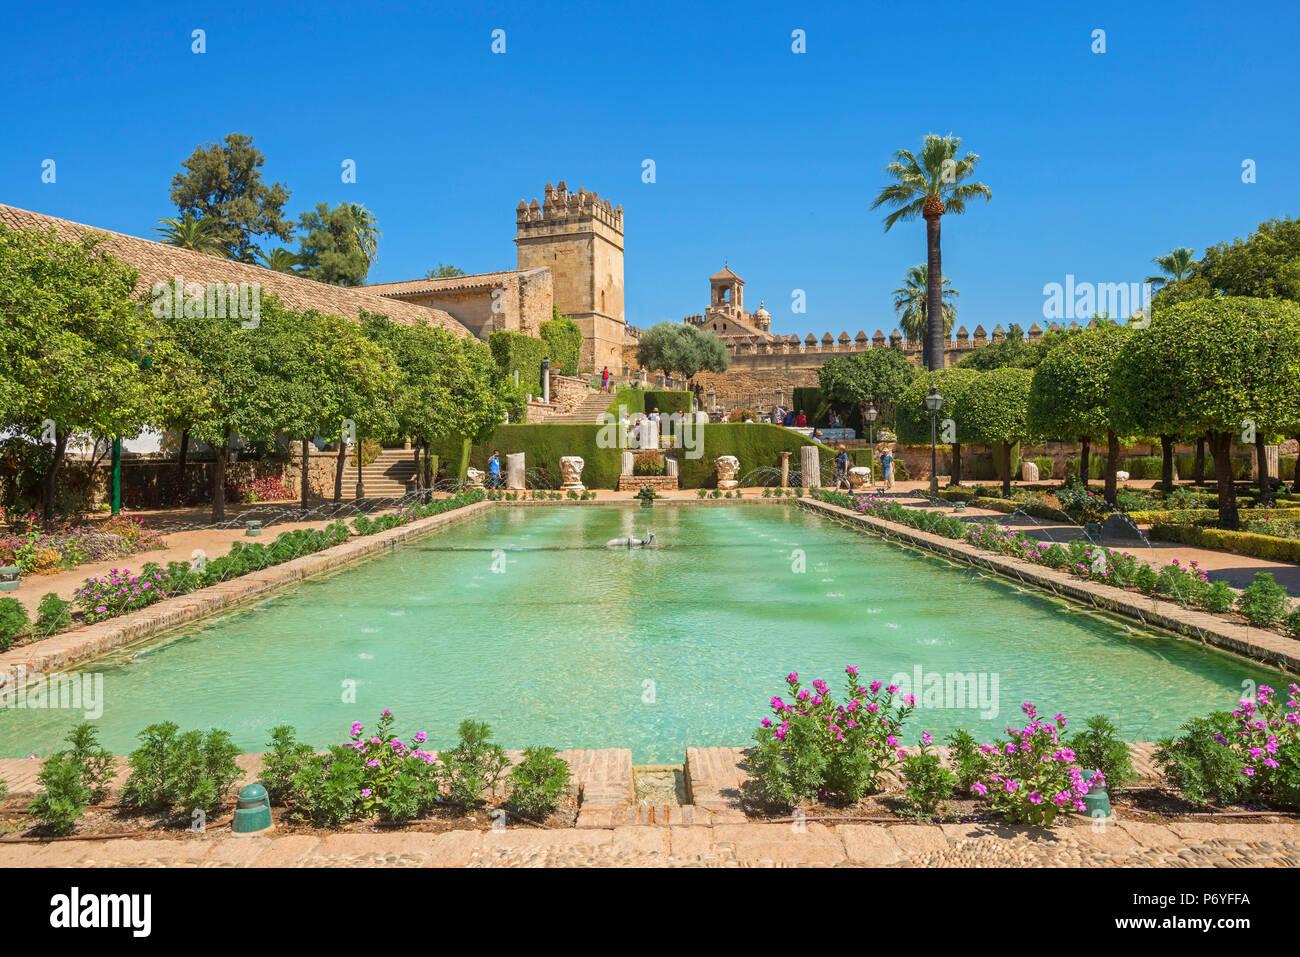 Jardines del Alcázar de los Reyes Crhistian (Alcázar de los Reyes Cristianos), Córdoba, Andalucía, España Imagen De Stock